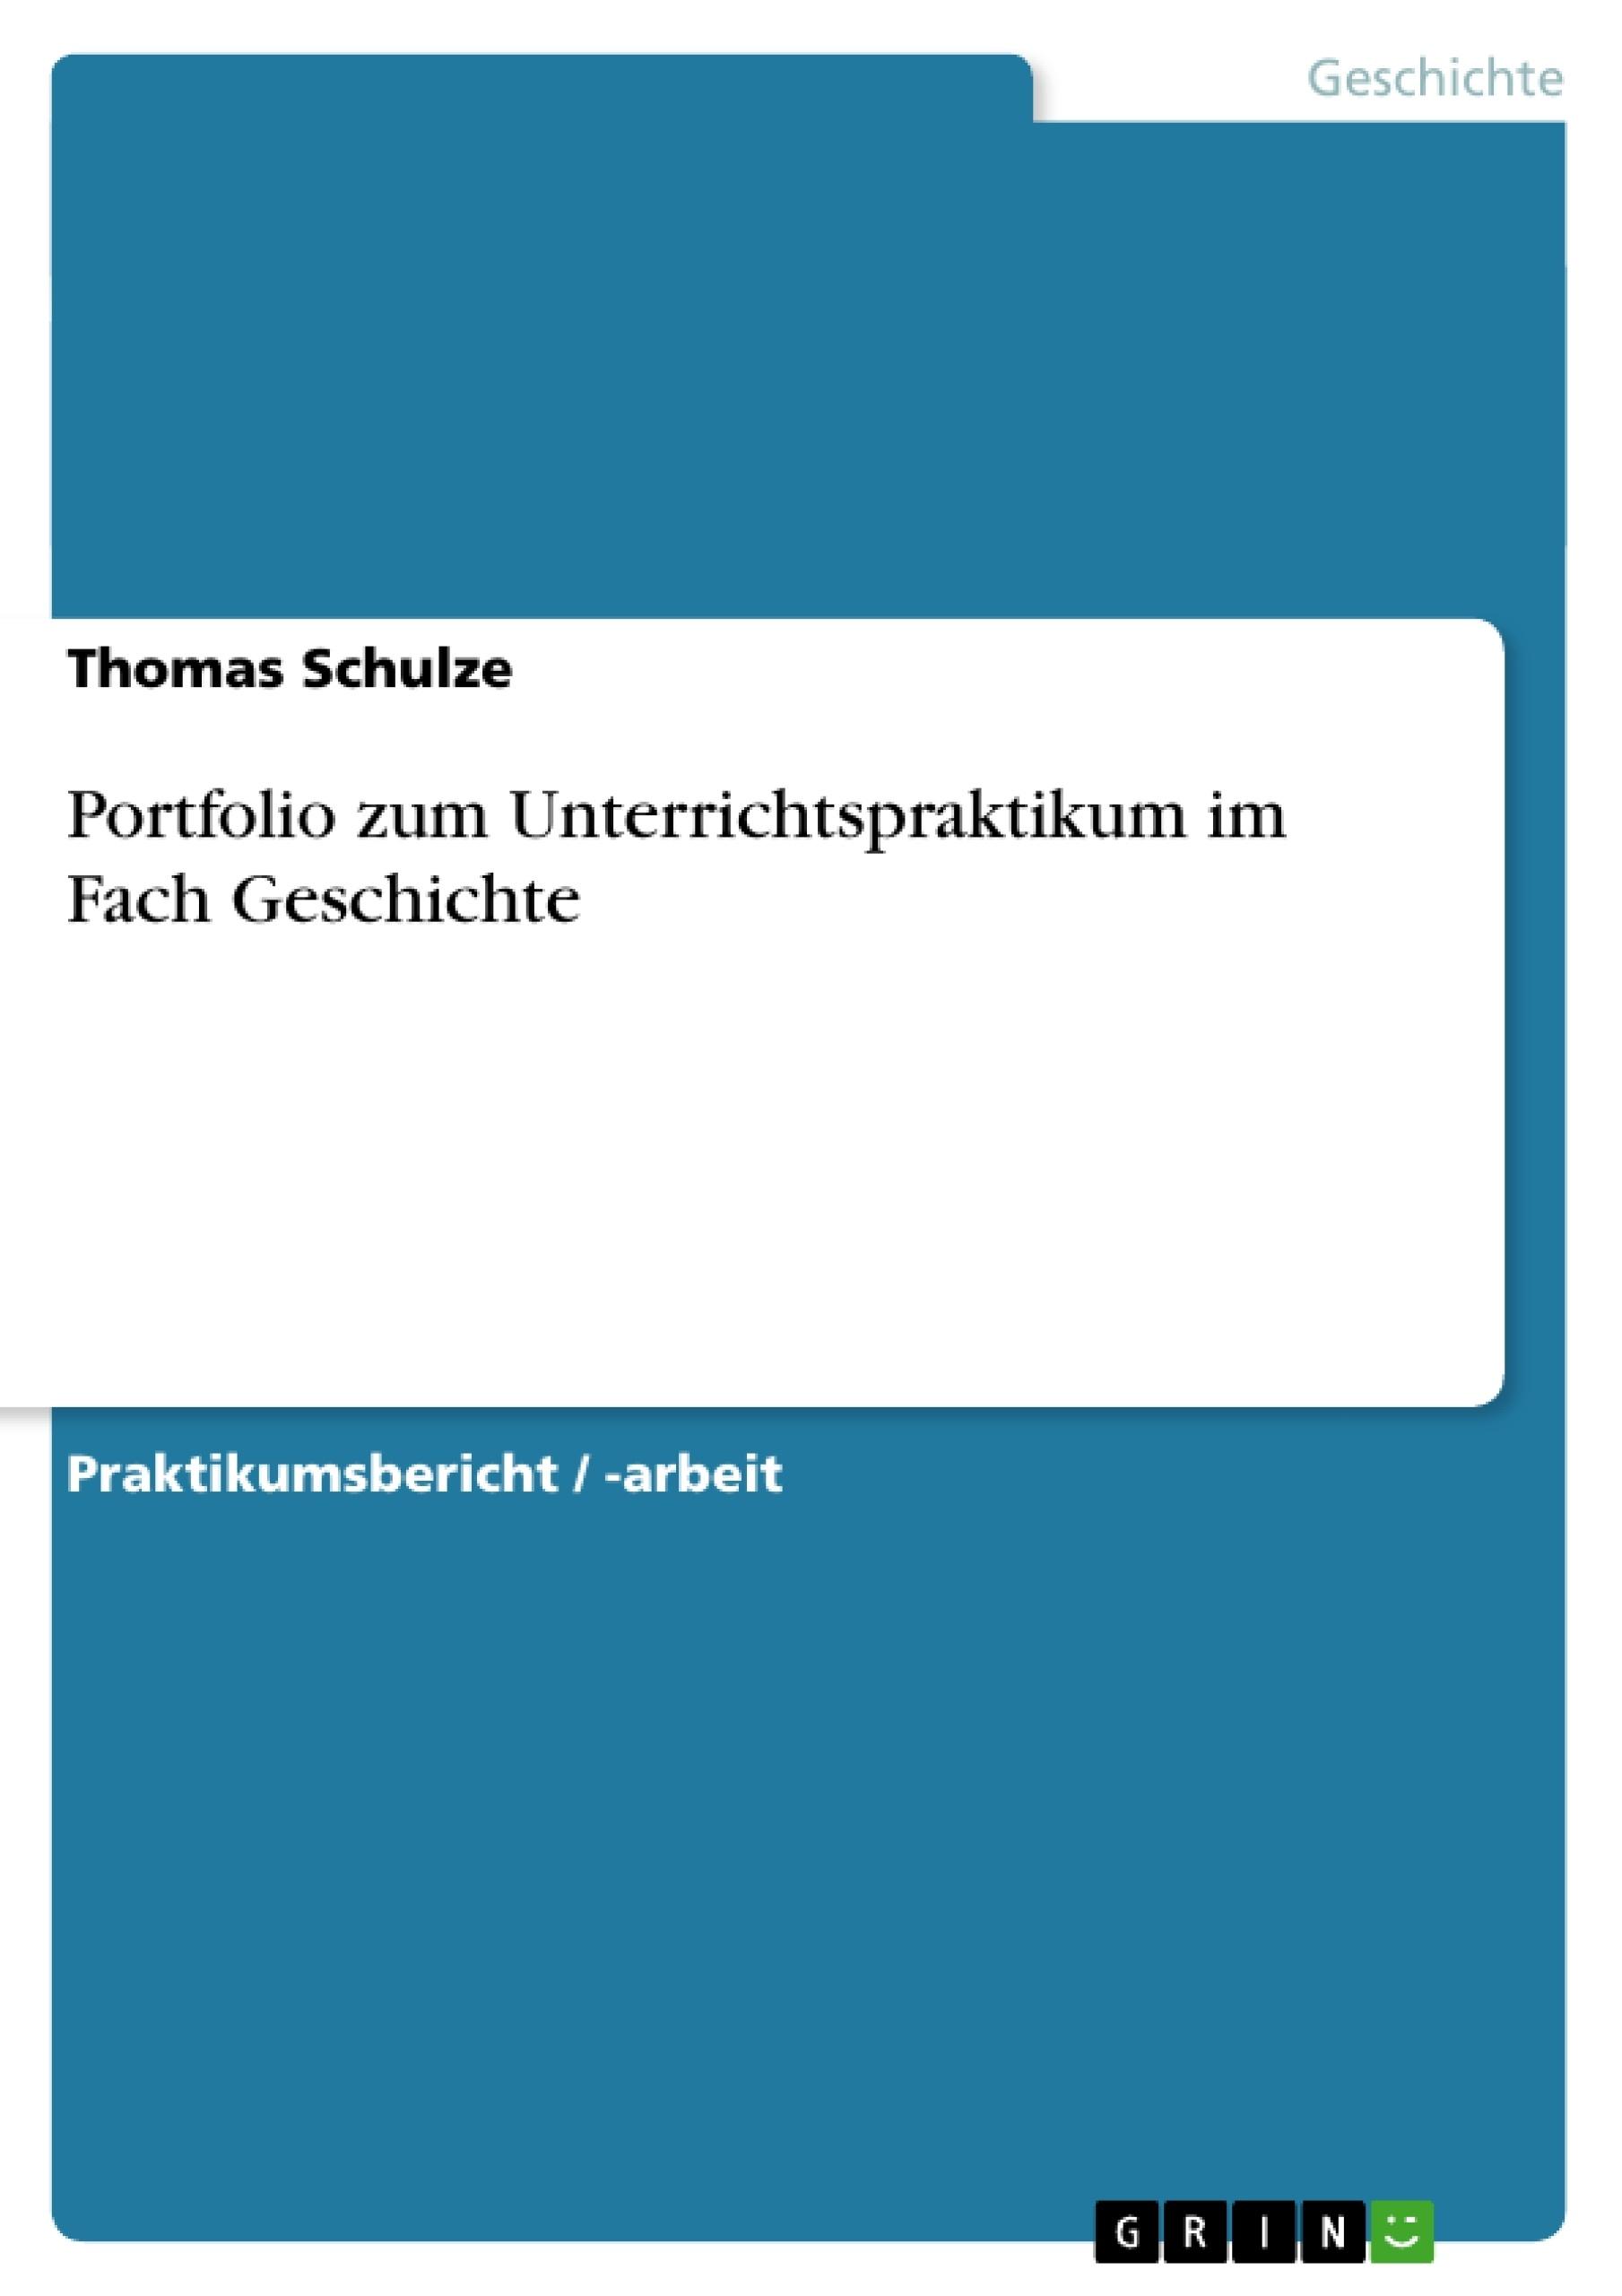 Titel: Portfolio zum Unterrichtspraktikum im Fach Geschichte